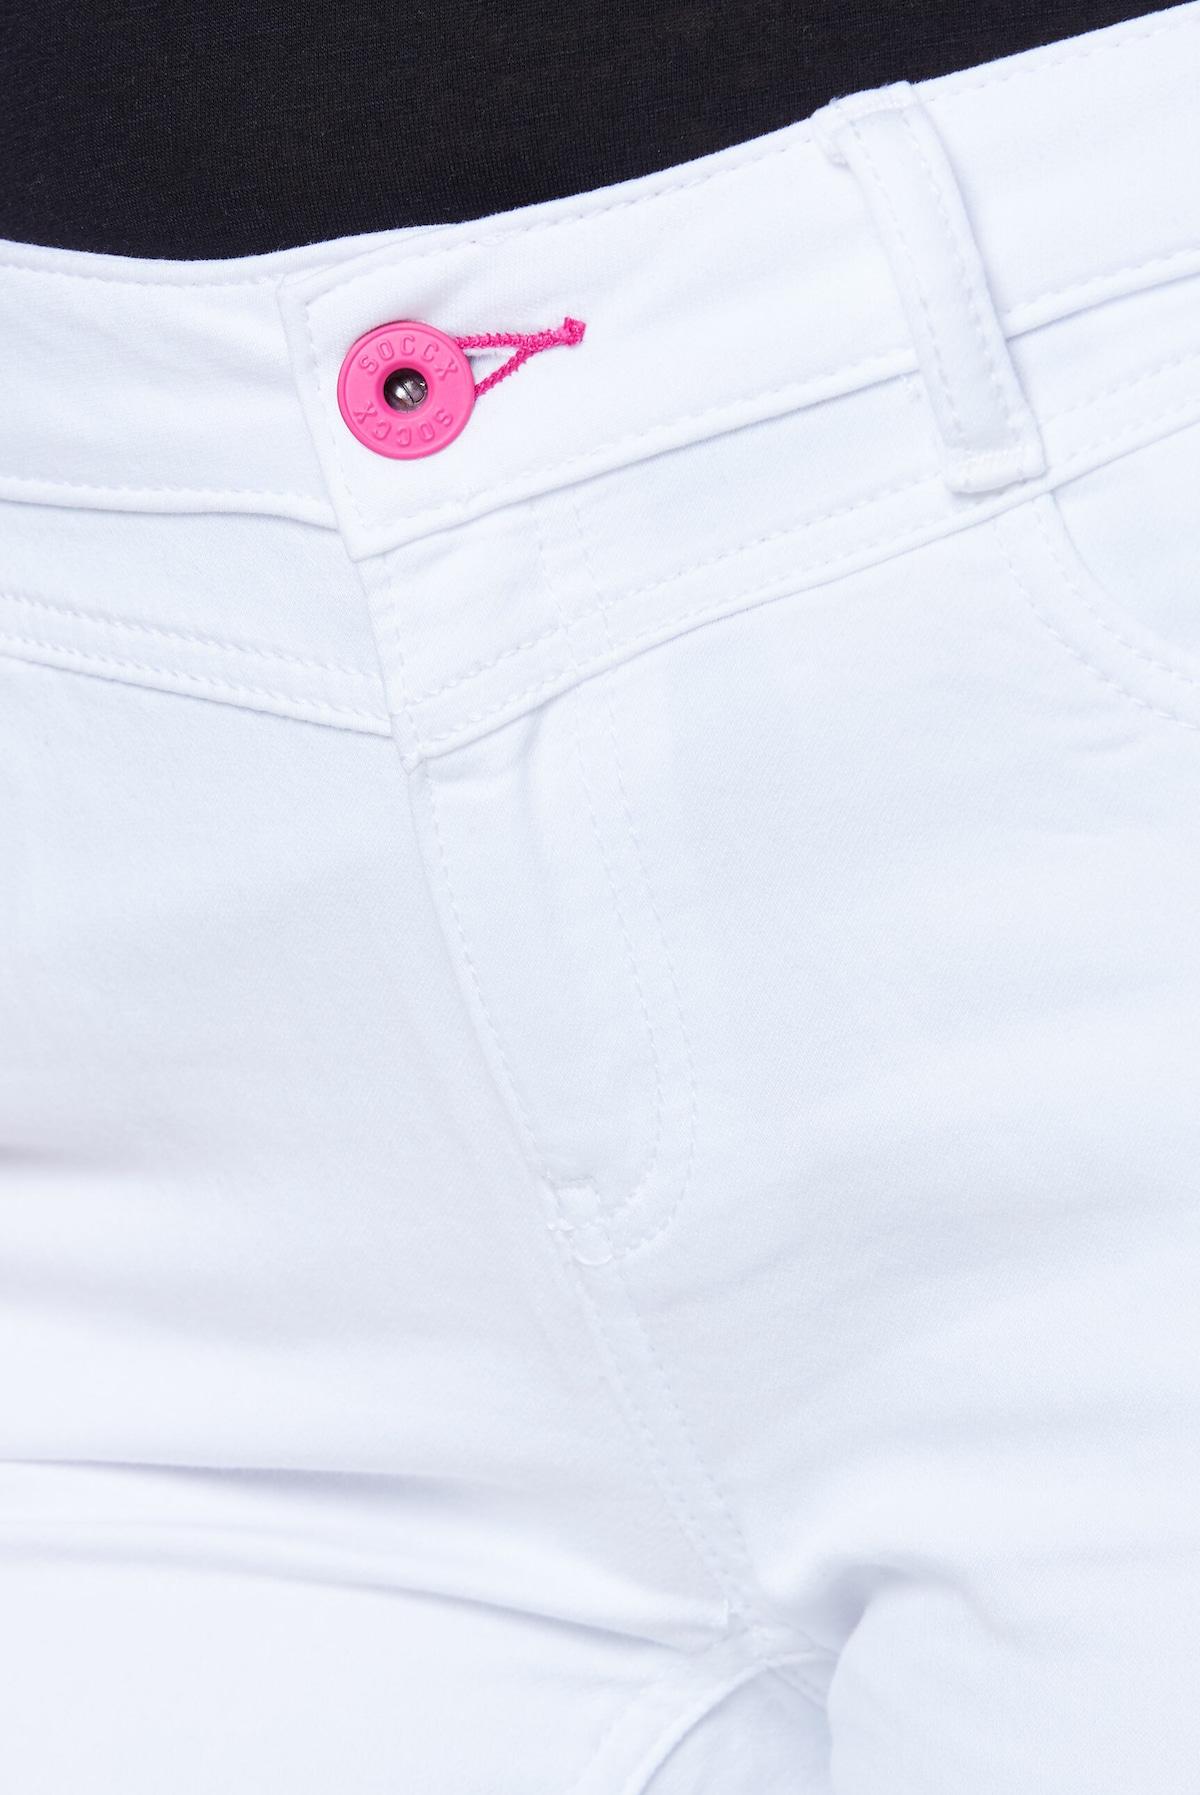 Beliebt Frauen Bekleidung Soccx Jeans in weiß Zum Verkauf